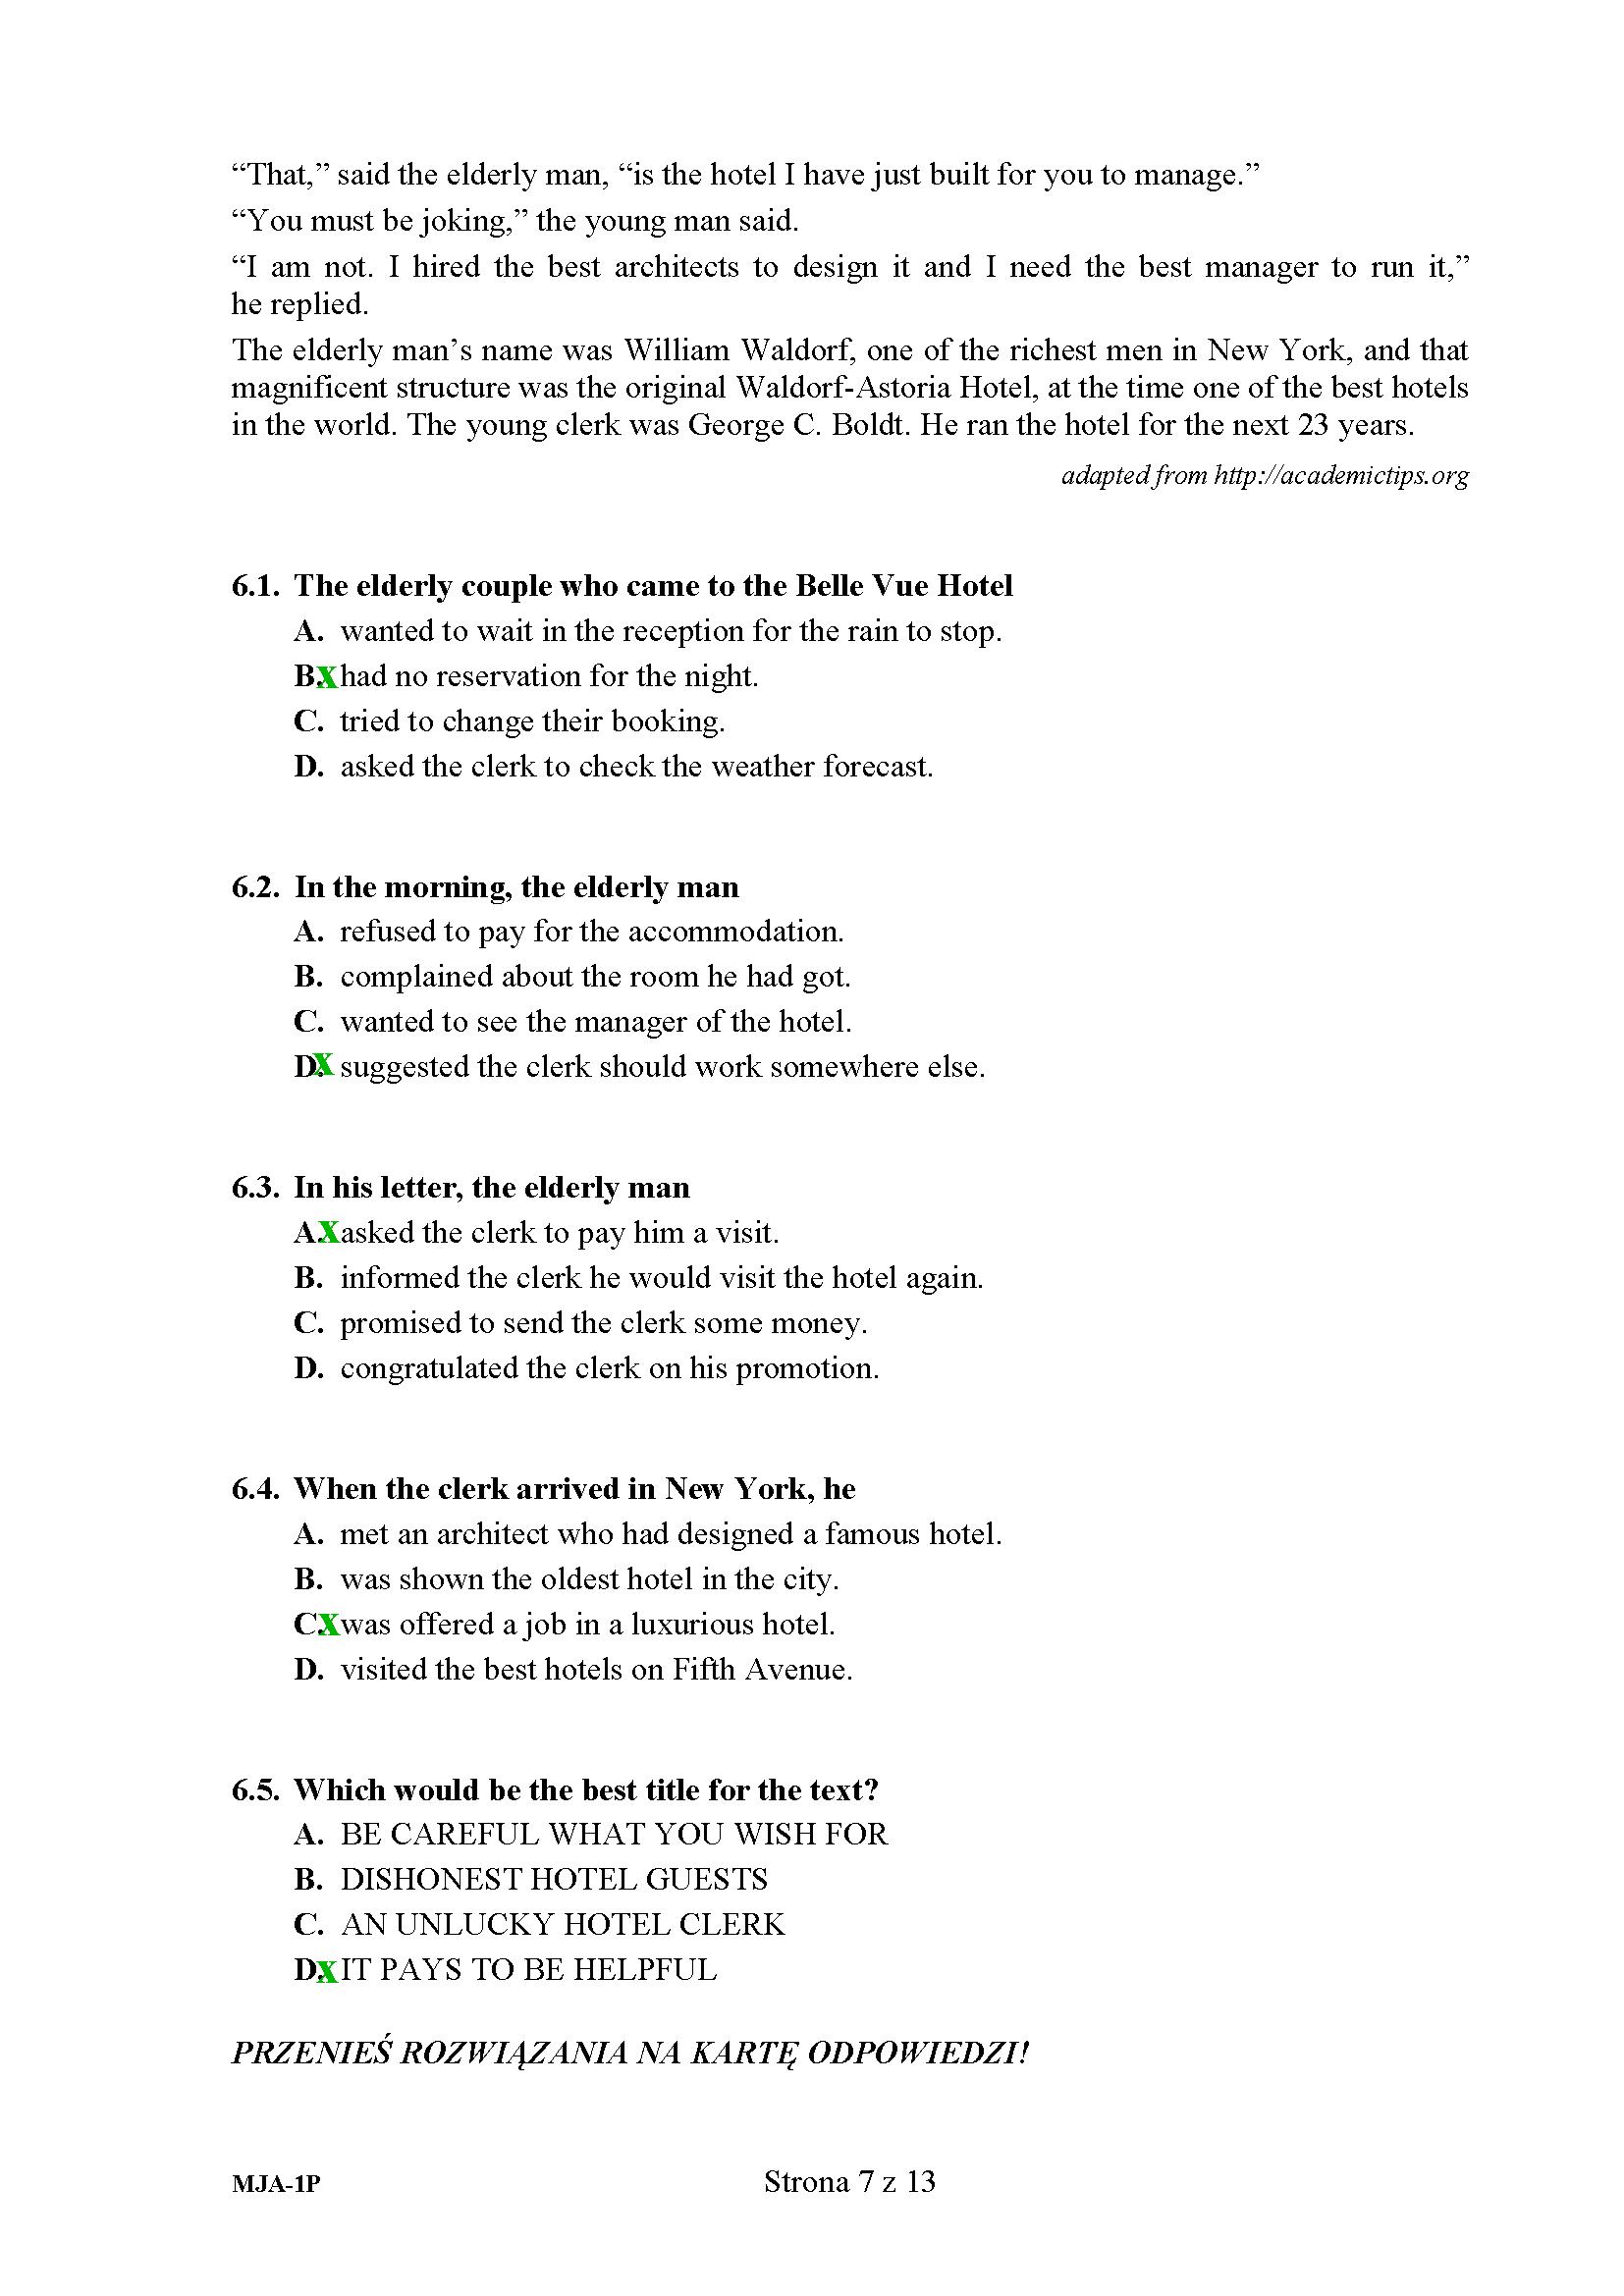 arkusz matura 2020 z języka angielskiego